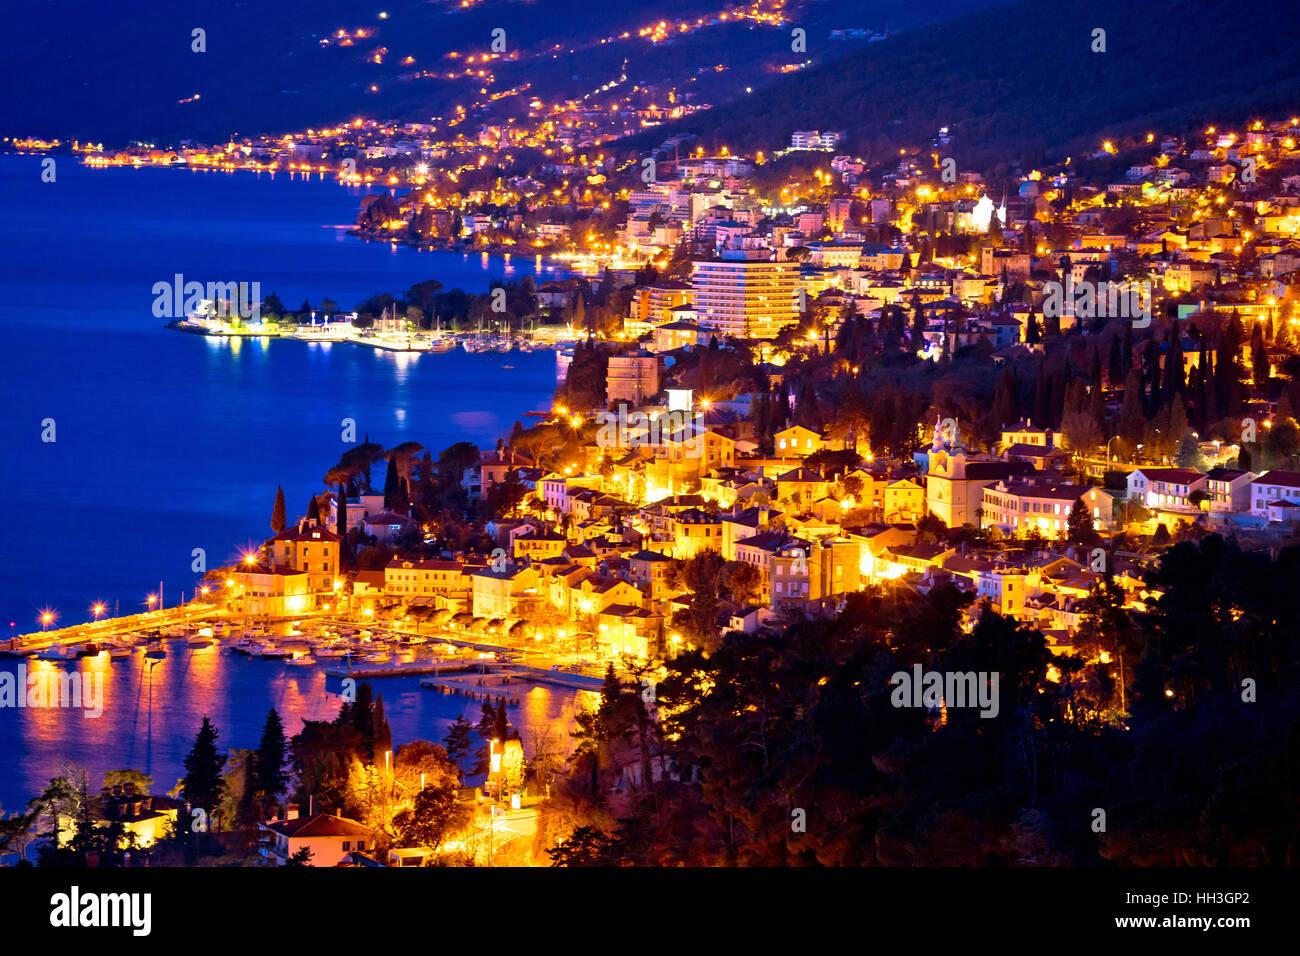 Vista de noche de la bahía de la riviera de Opatija, Kvarner región de Croacia Foto de stock